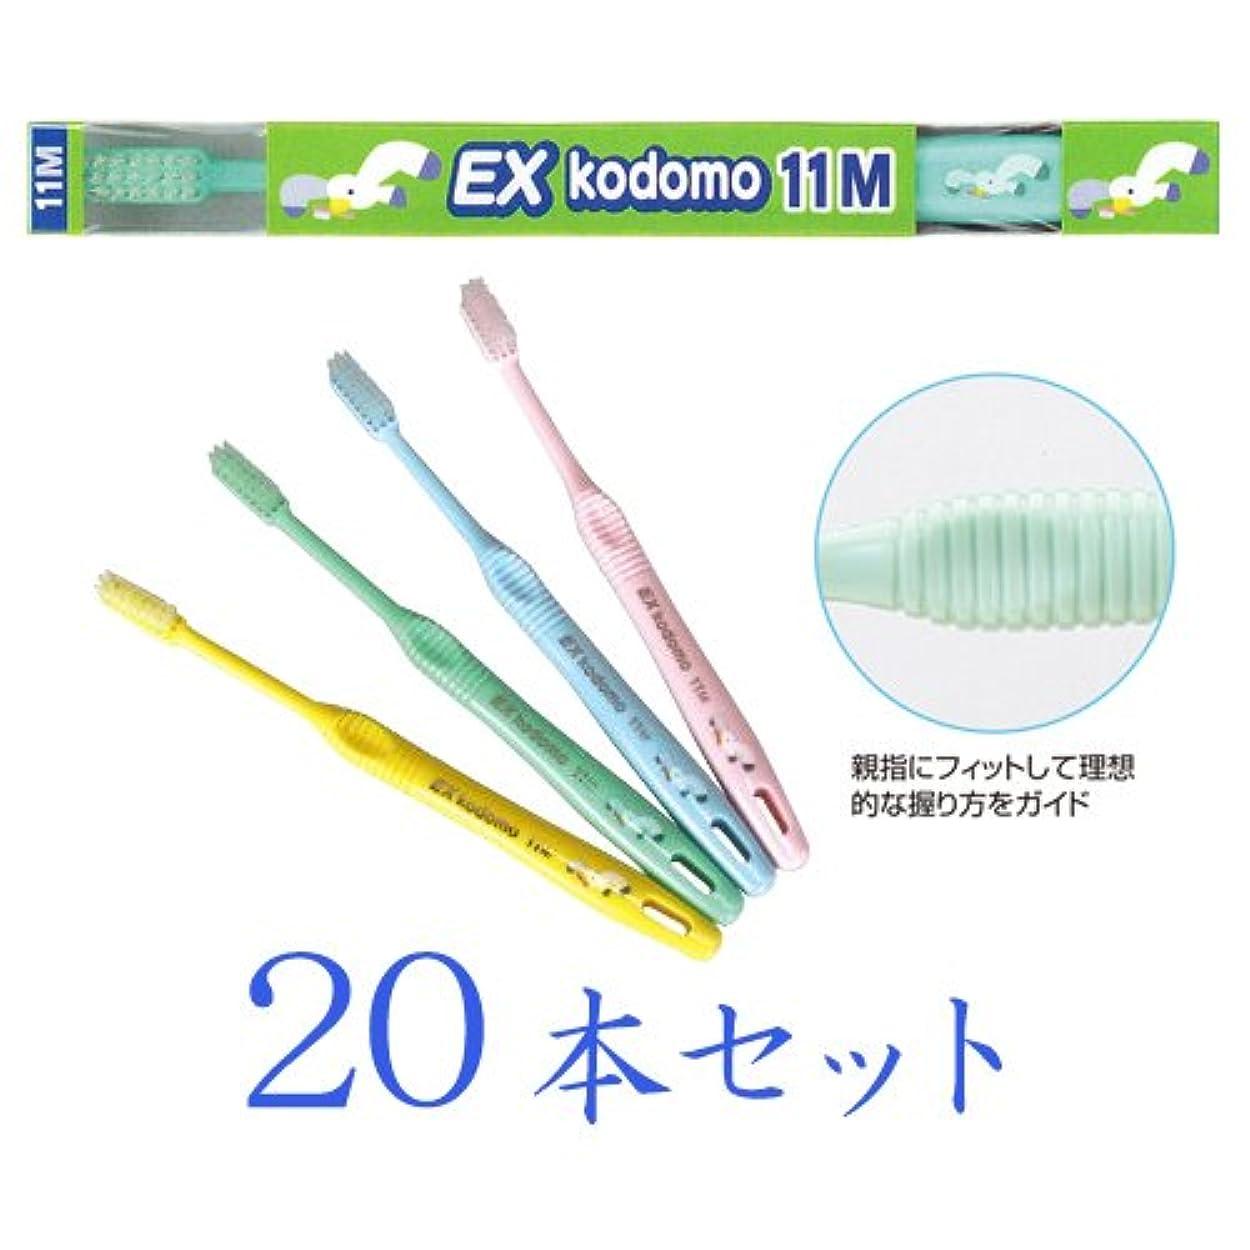 裁判所姿を消す同時ライオン DENT.EX コドモ歯ブラシ 20本入 11M(混合歯列後期用?8~12歳)(カモメ)